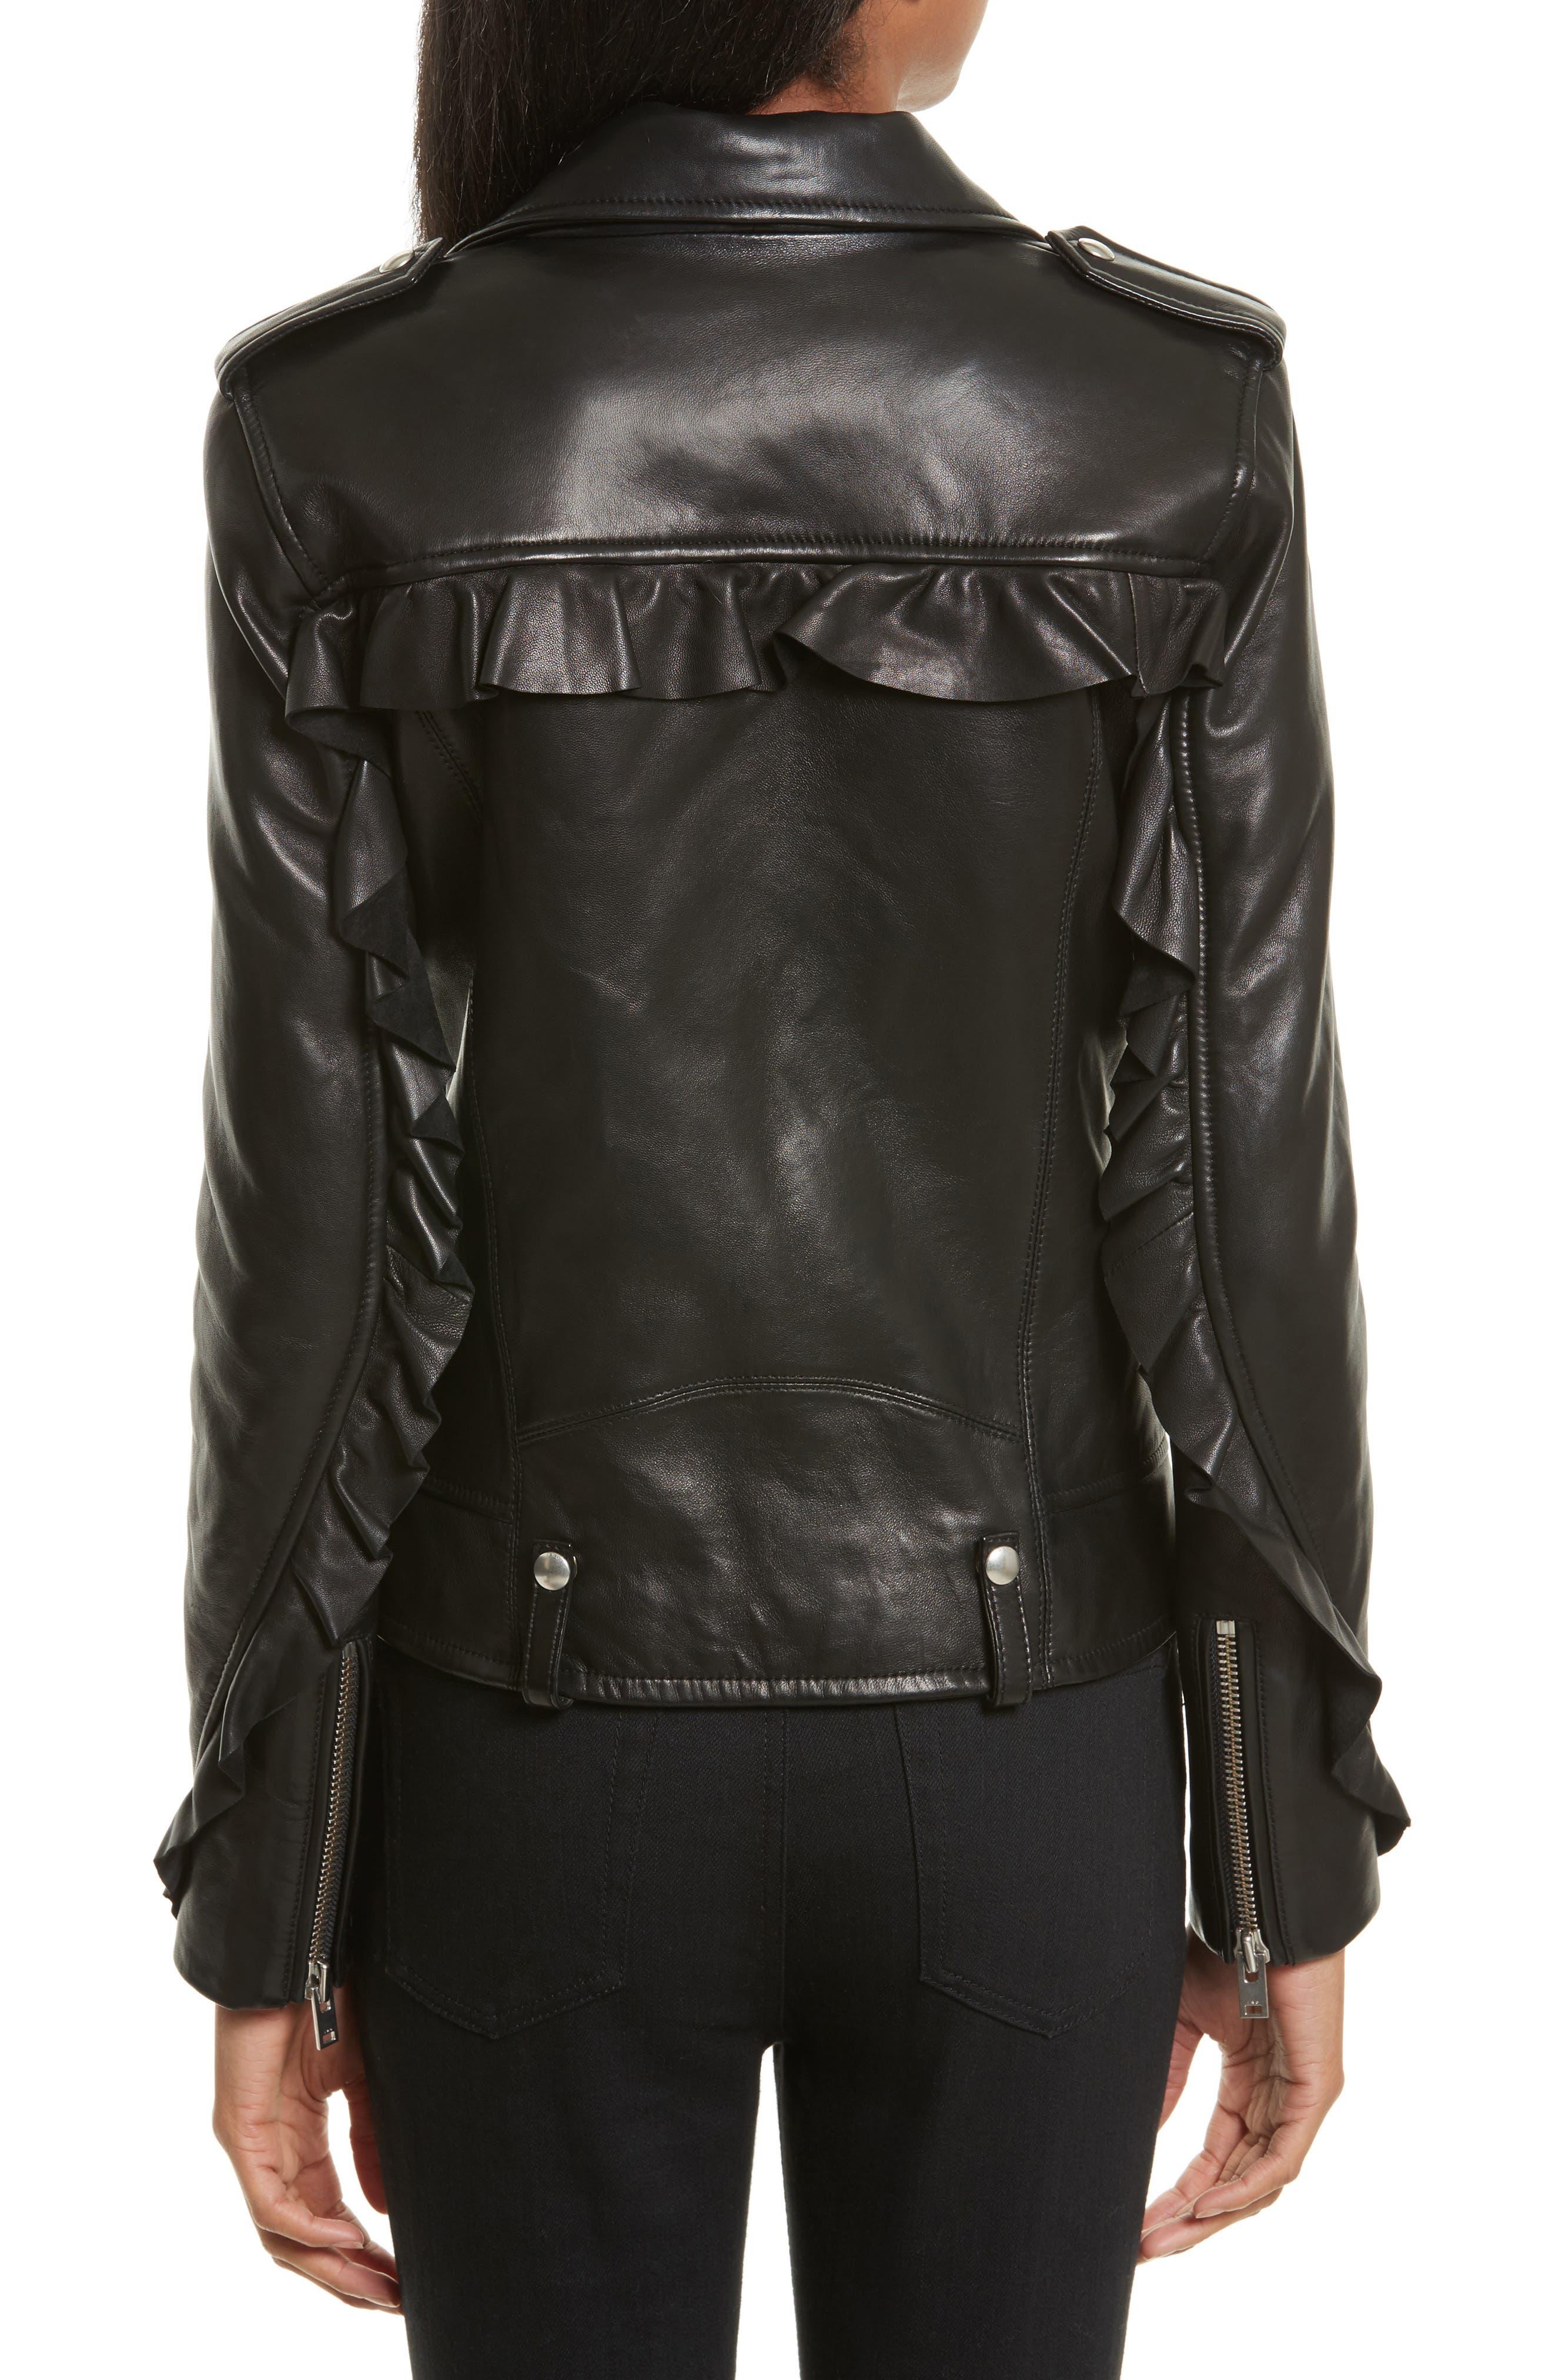 Dumont Leather Jacket,                             Alternate thumbnail 2, color,                             Black